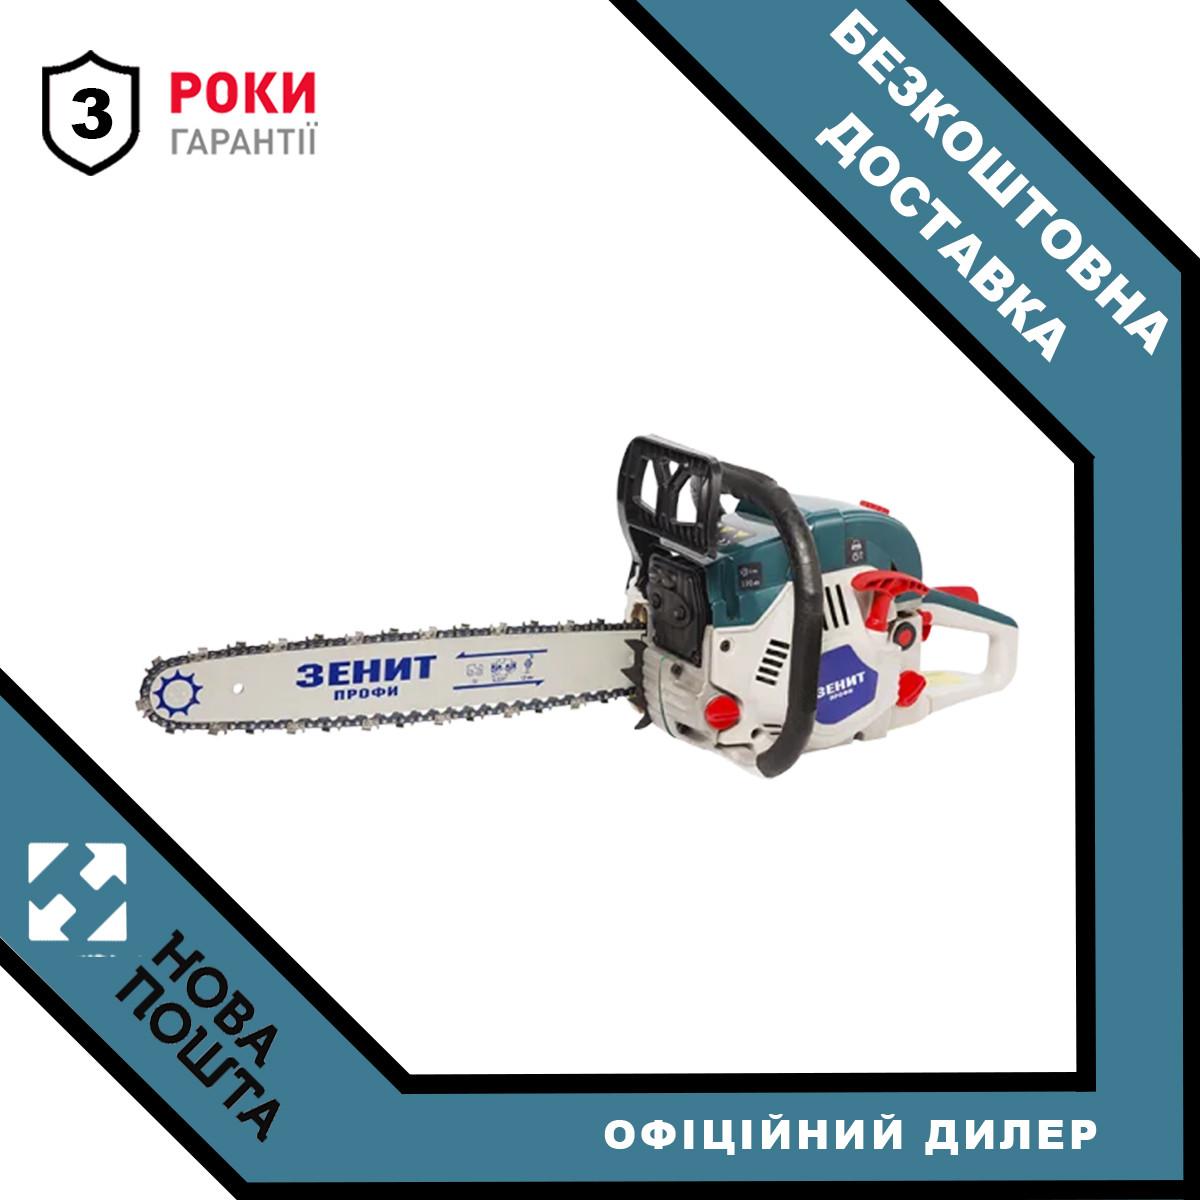 Пила бензиновая ЗЕНИТ БПЛ-455/2600 Профи